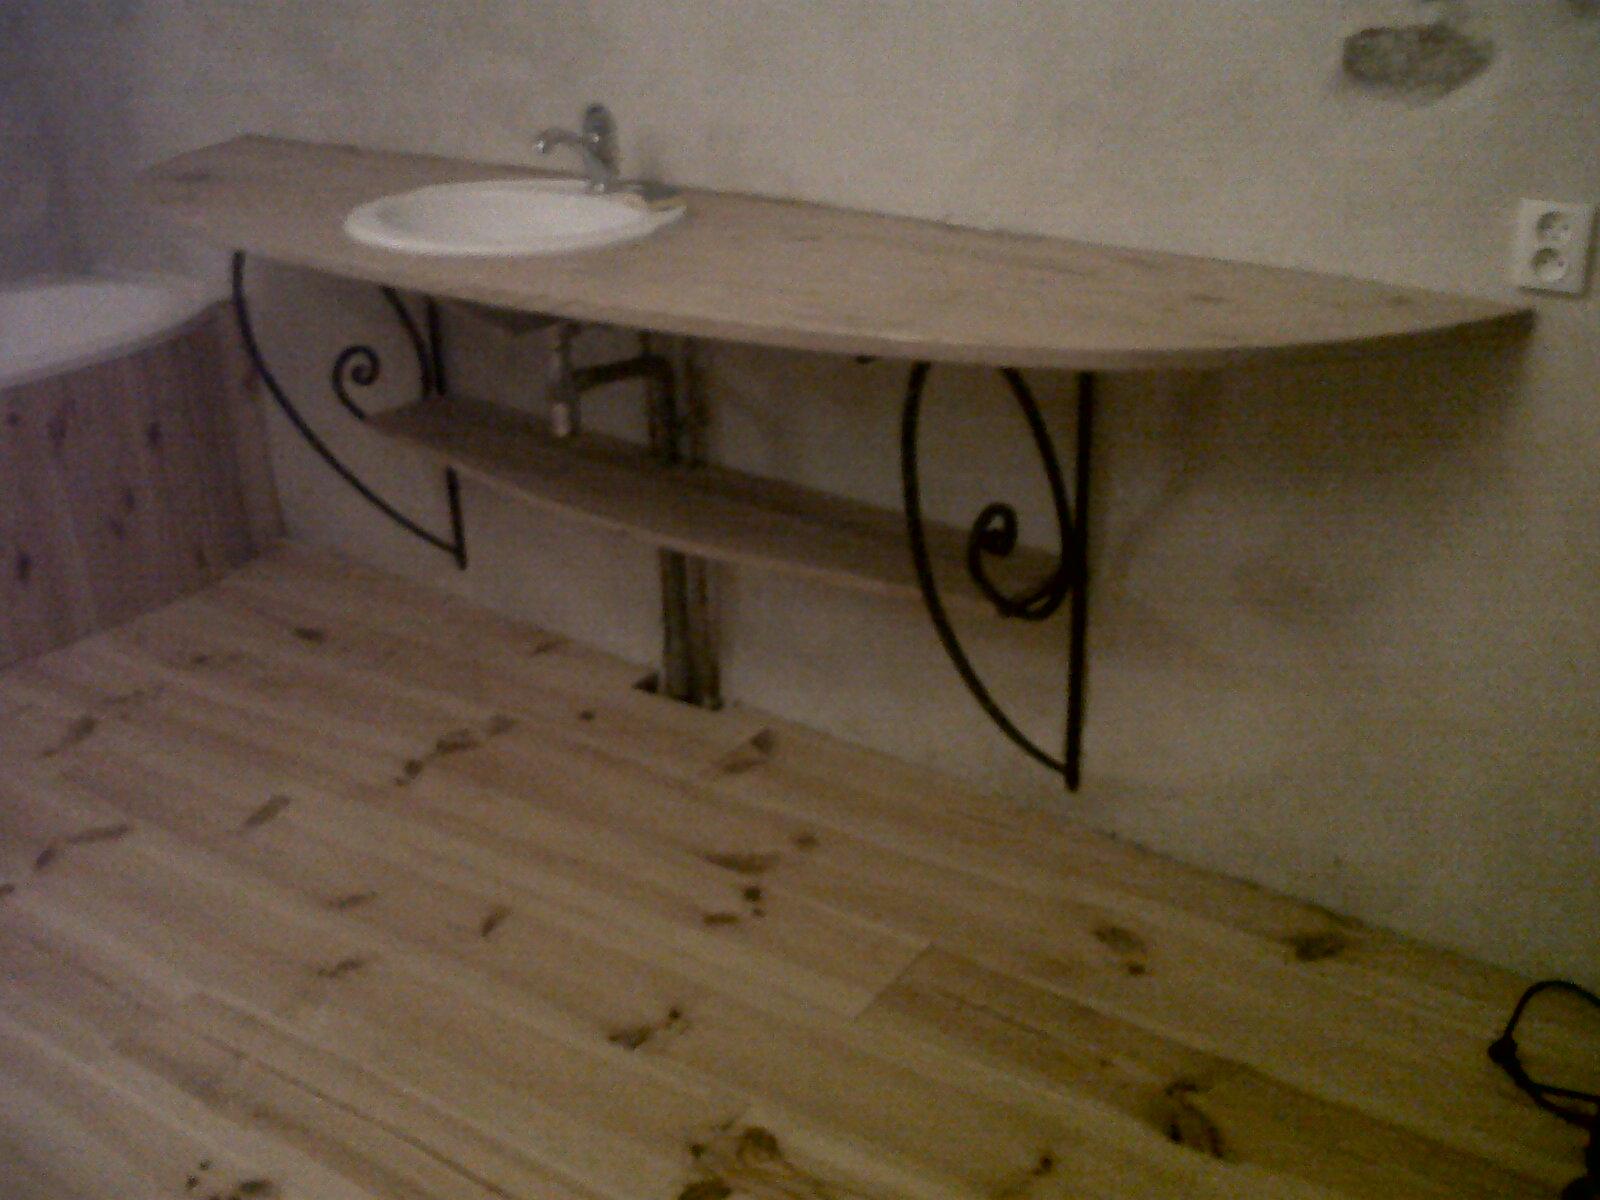 ferraille papillon console de salle de bain. Black Bedroom Furniture Sets. Home Design Ideas